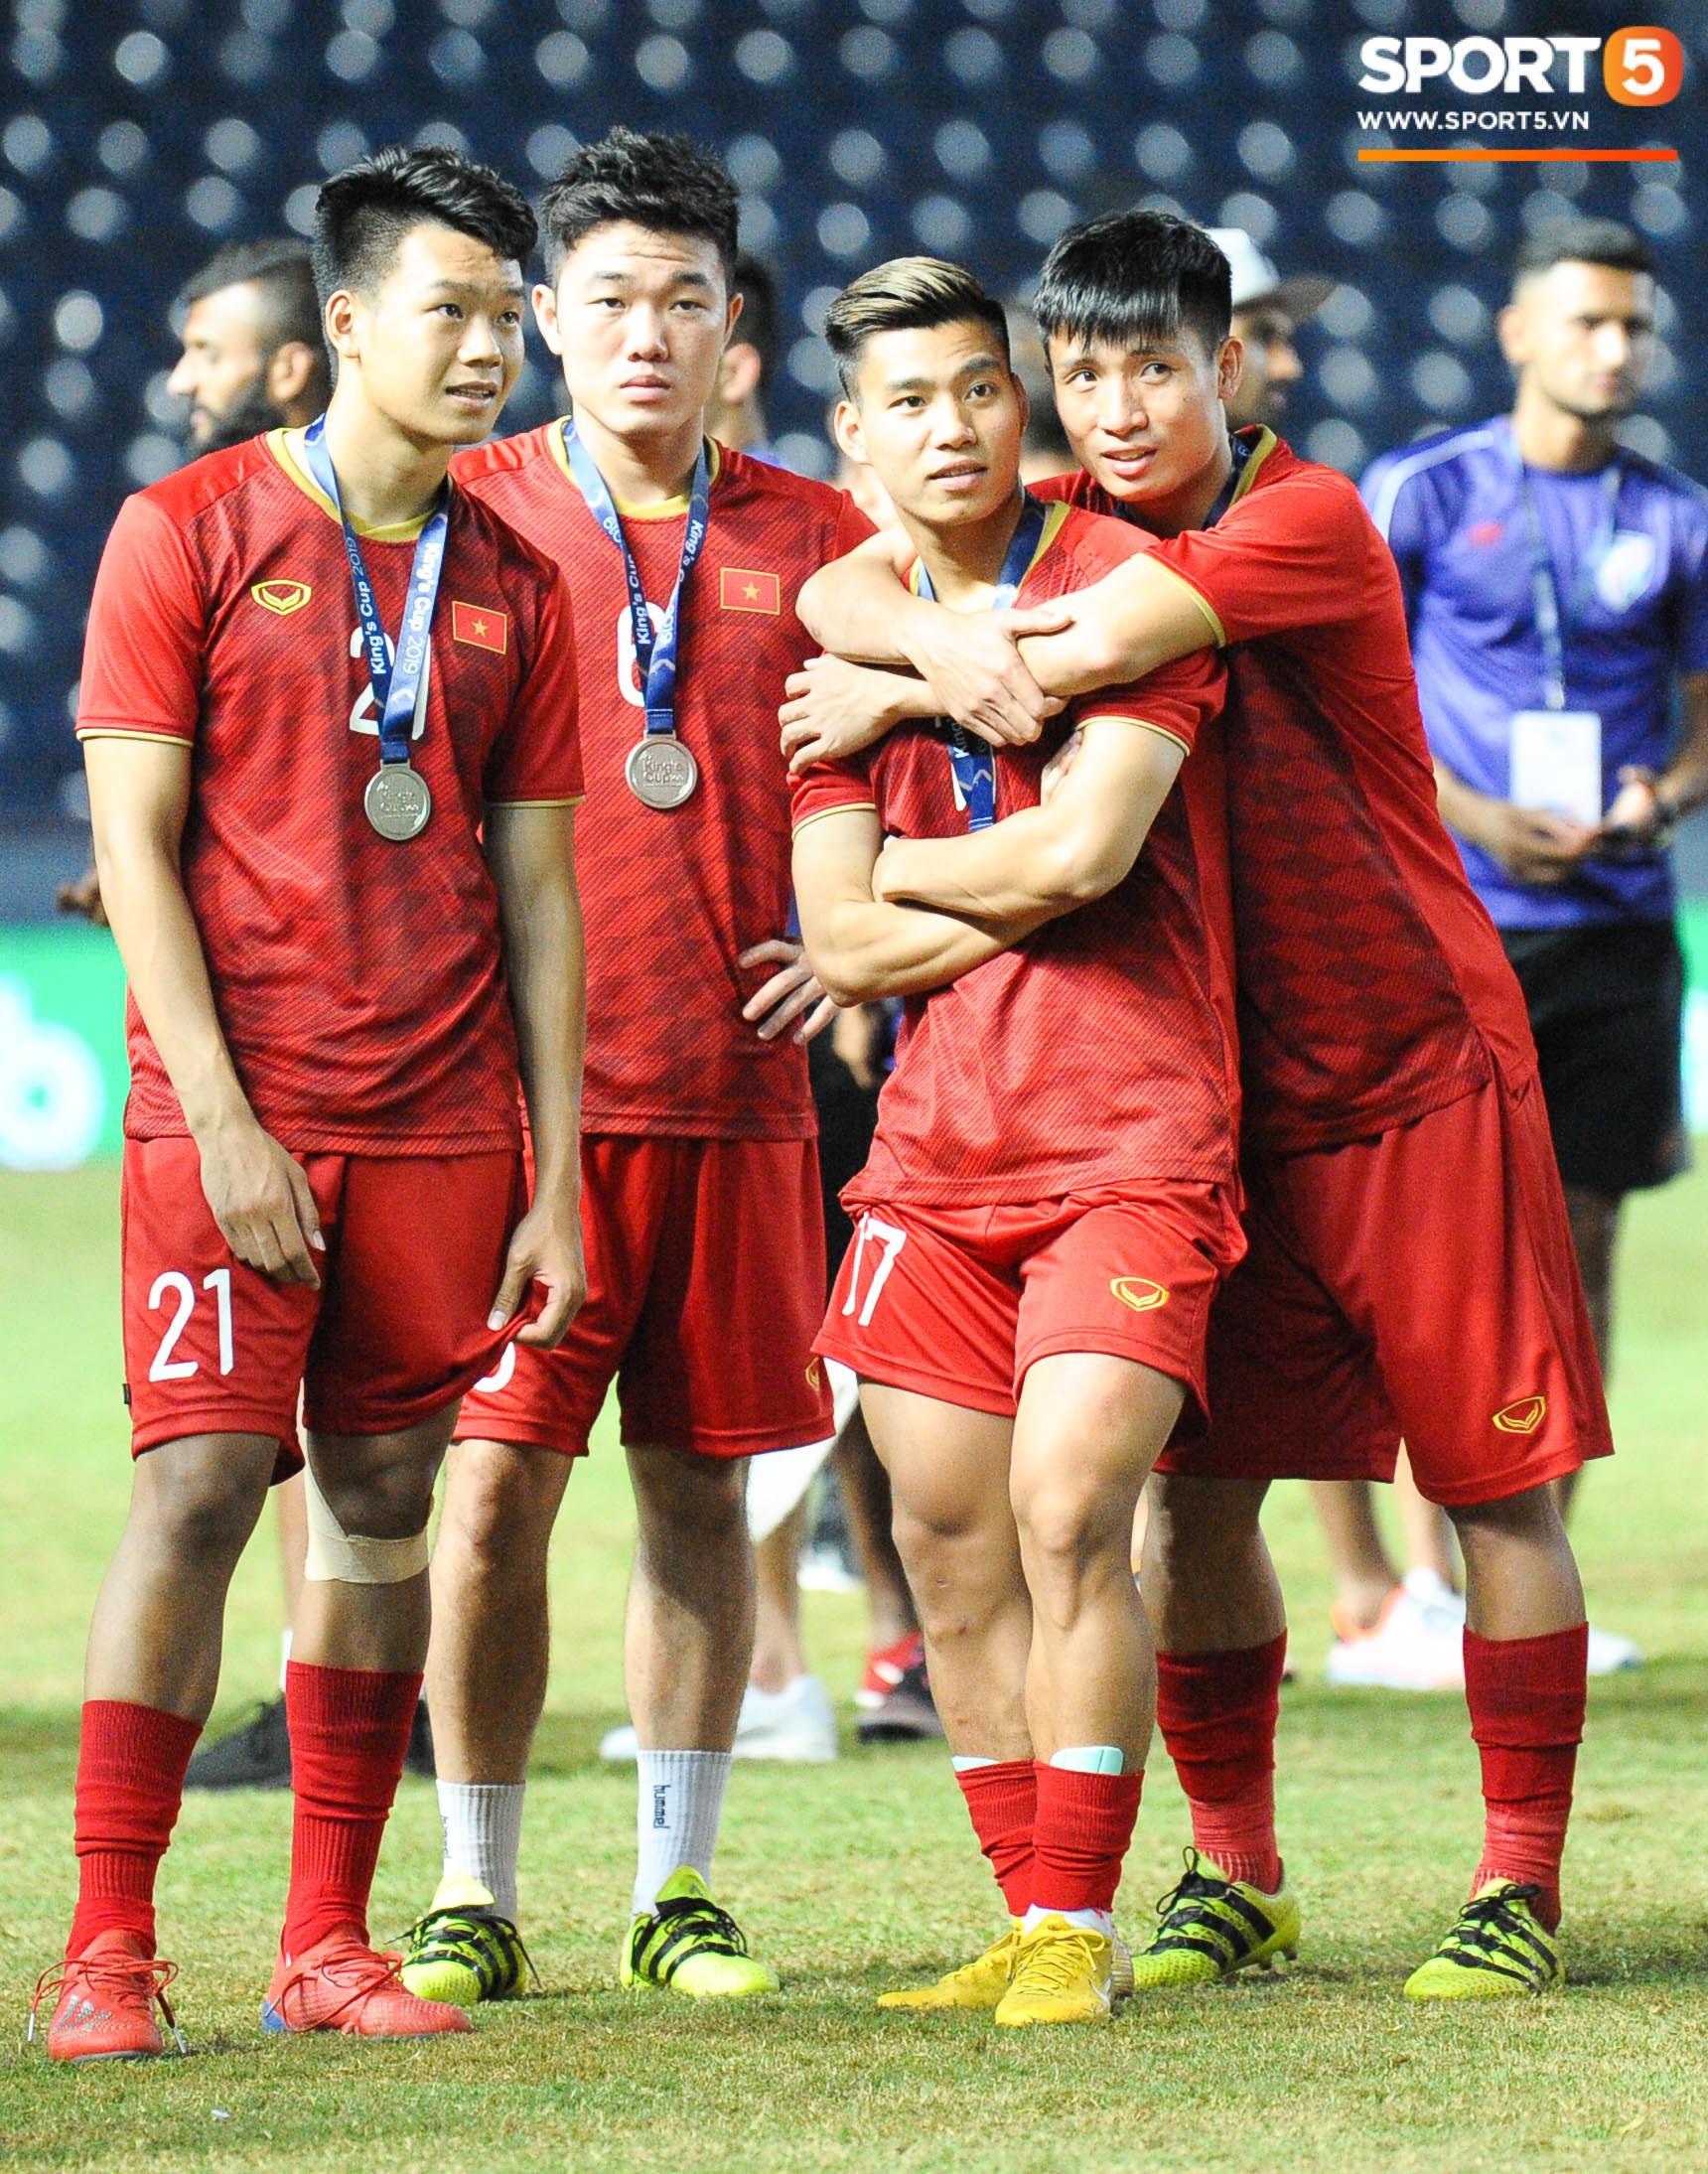 Góc làm gì cho đỡ buồn: Xuân Trường, Văn Thanh cắn huy chương, Tiến Dũng liếc team vô địch bằng ánh mắt hài hước - Ảnh 3.